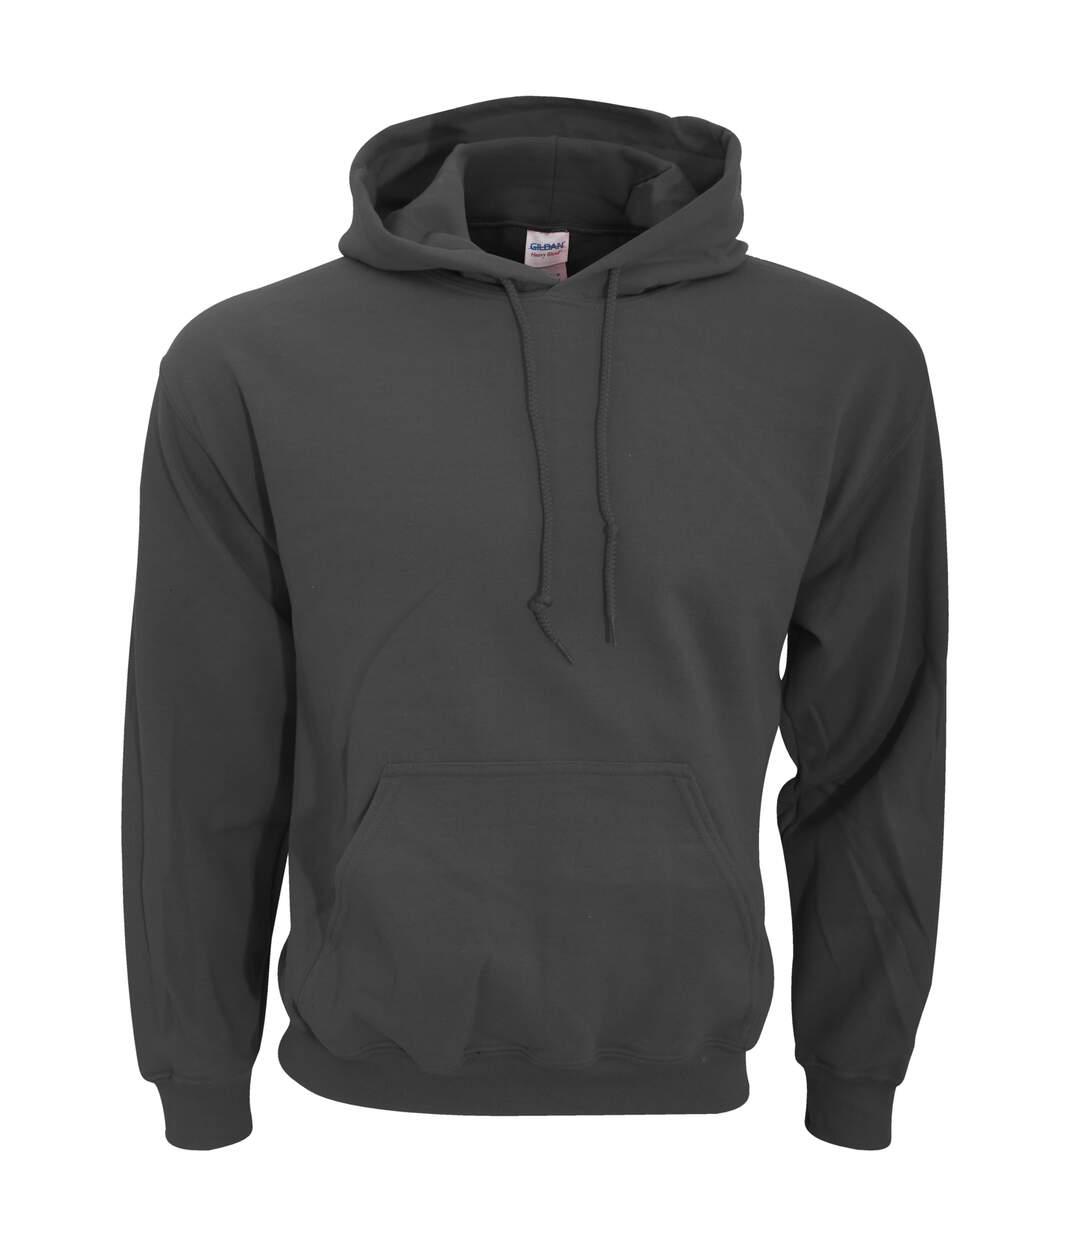 Gildan - Sweatshirt À Capuche - Unisexe (Rose foncé) - UTBC468